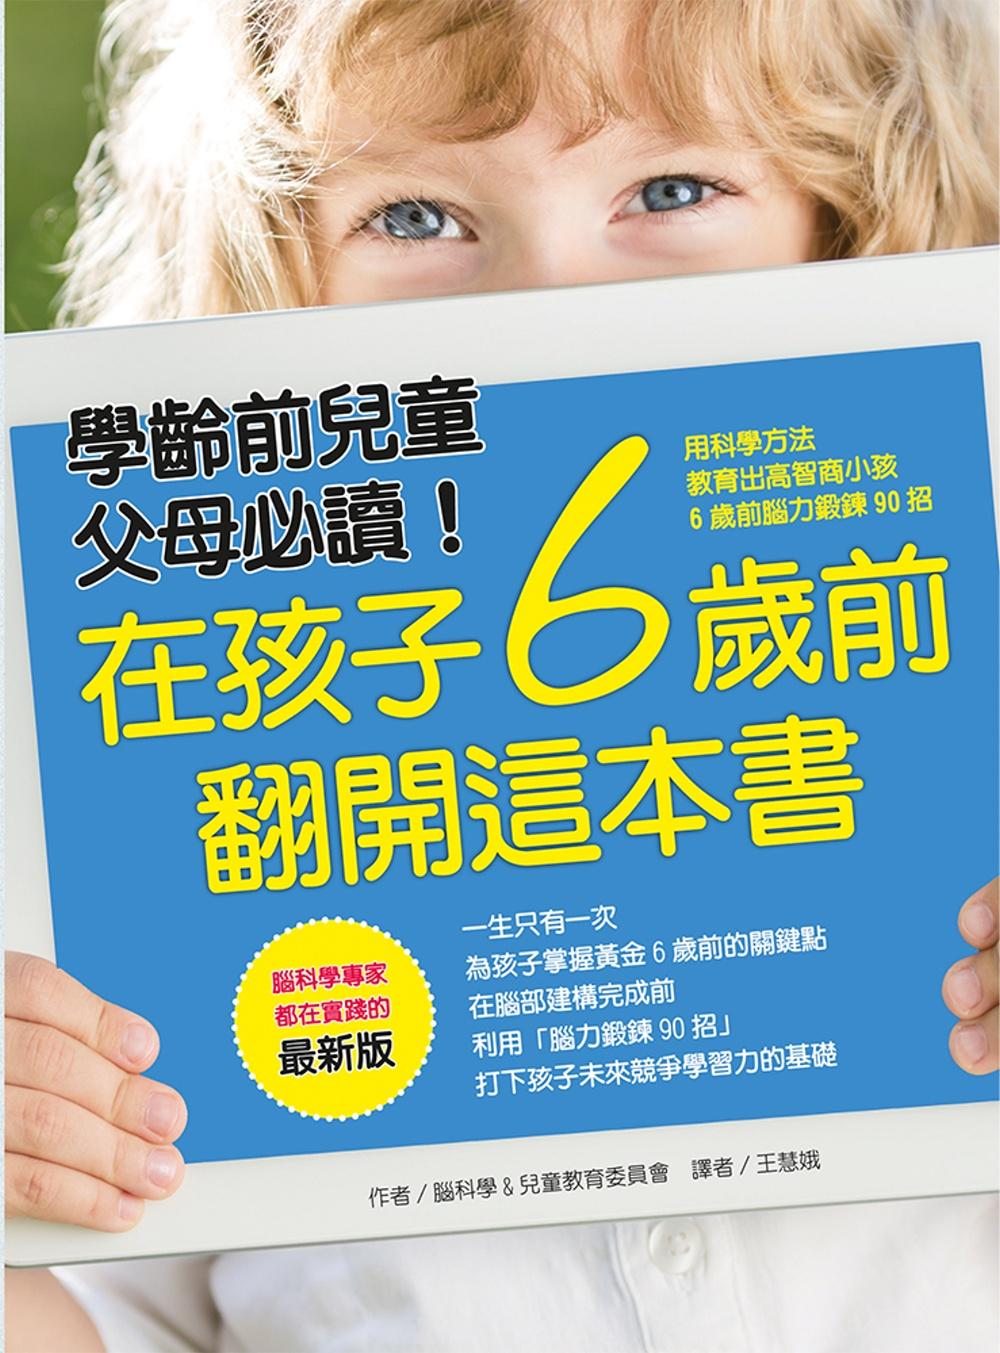 在孩子6歲前 翻開這本書(最新版):用科學方法 教育出高智商小孩-6歲前腦力鍛鍊90招